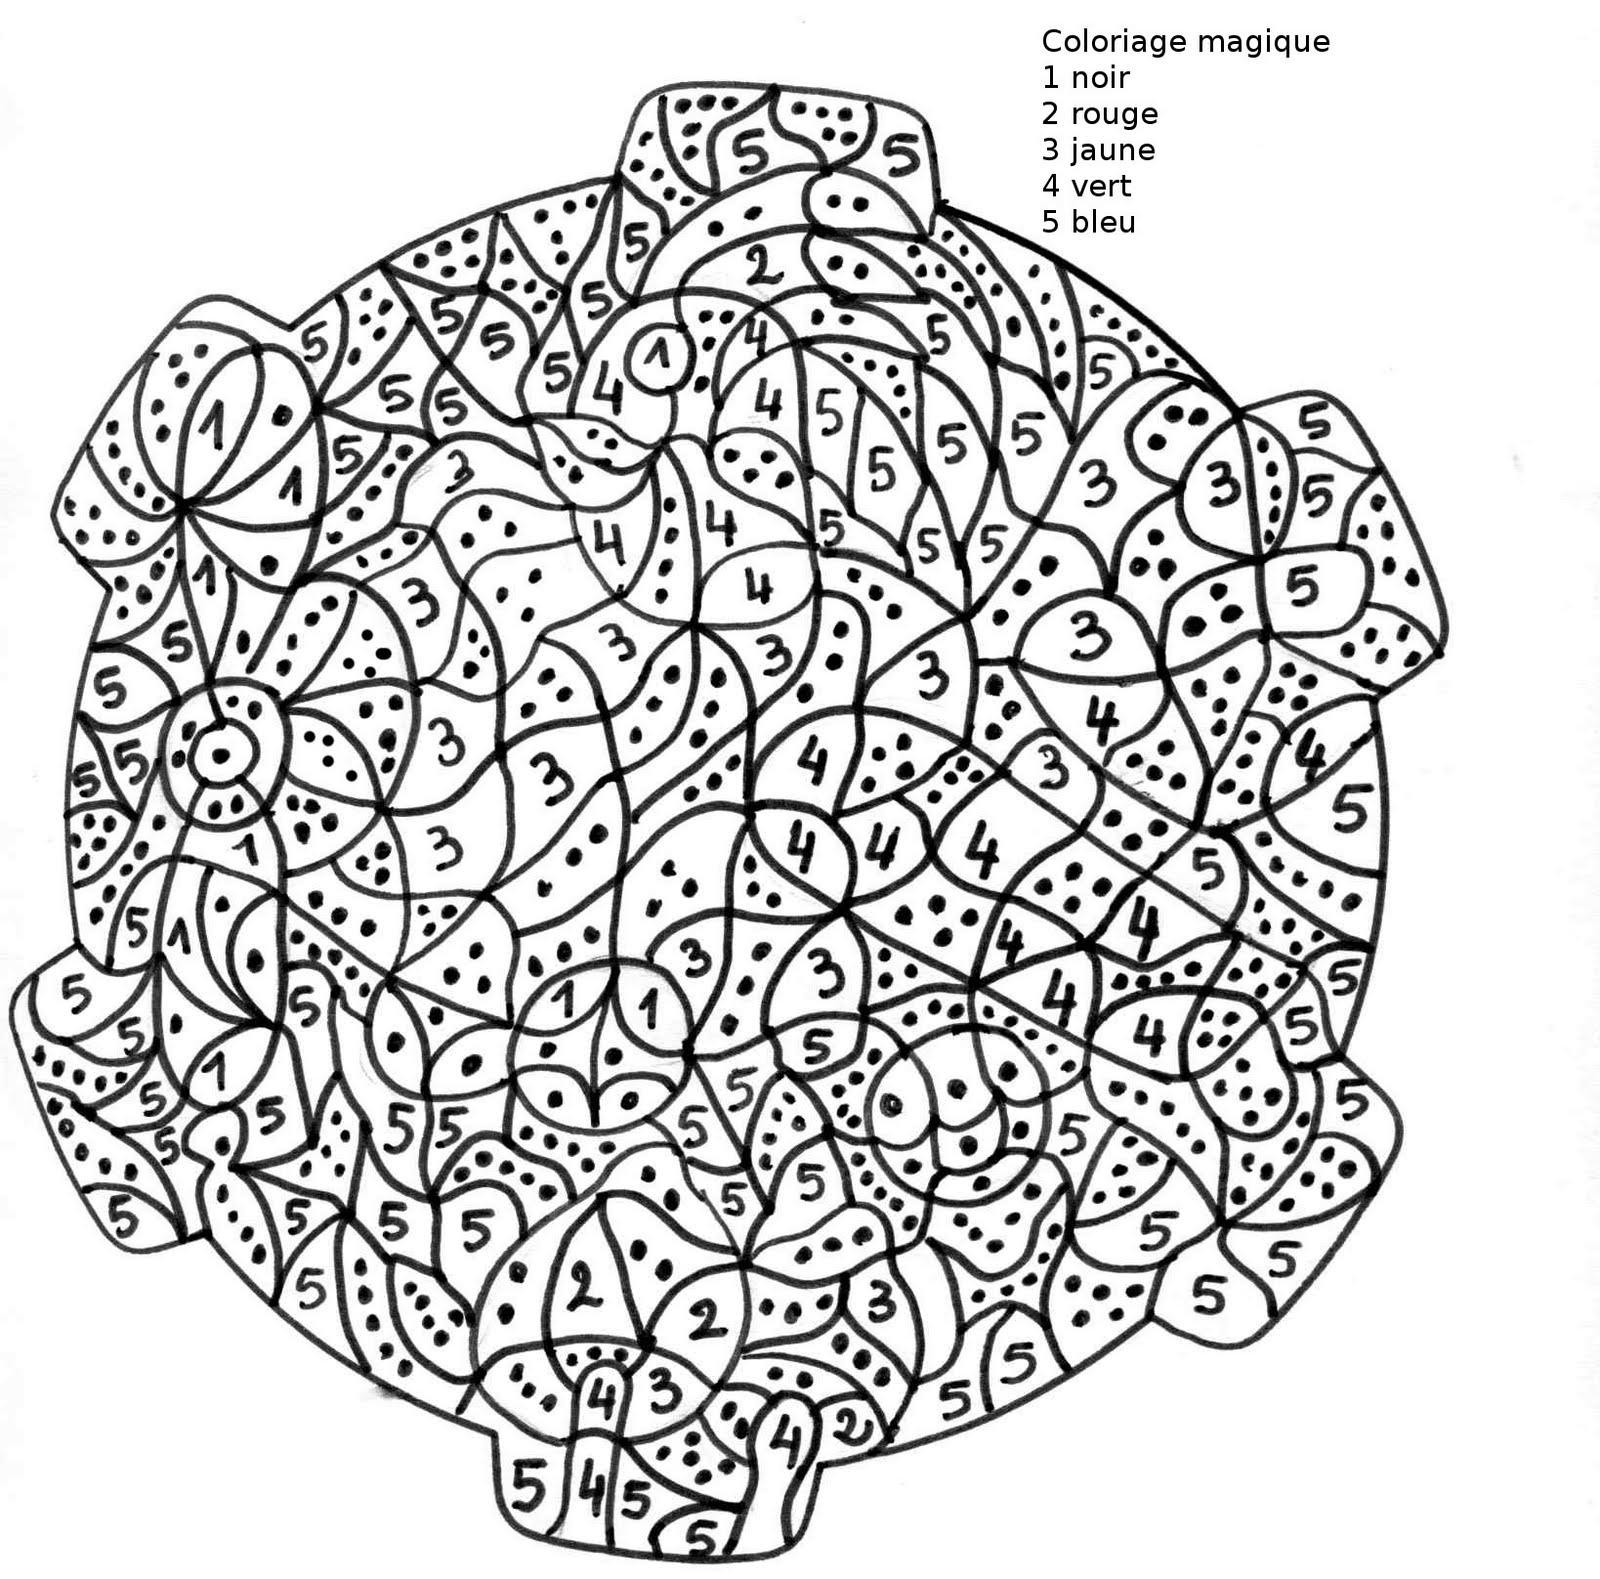 Coloriages À Imprimer : Coloriages Magiques, Numéro : 576037 destiné Coloriage À Chiffre A Imprimer